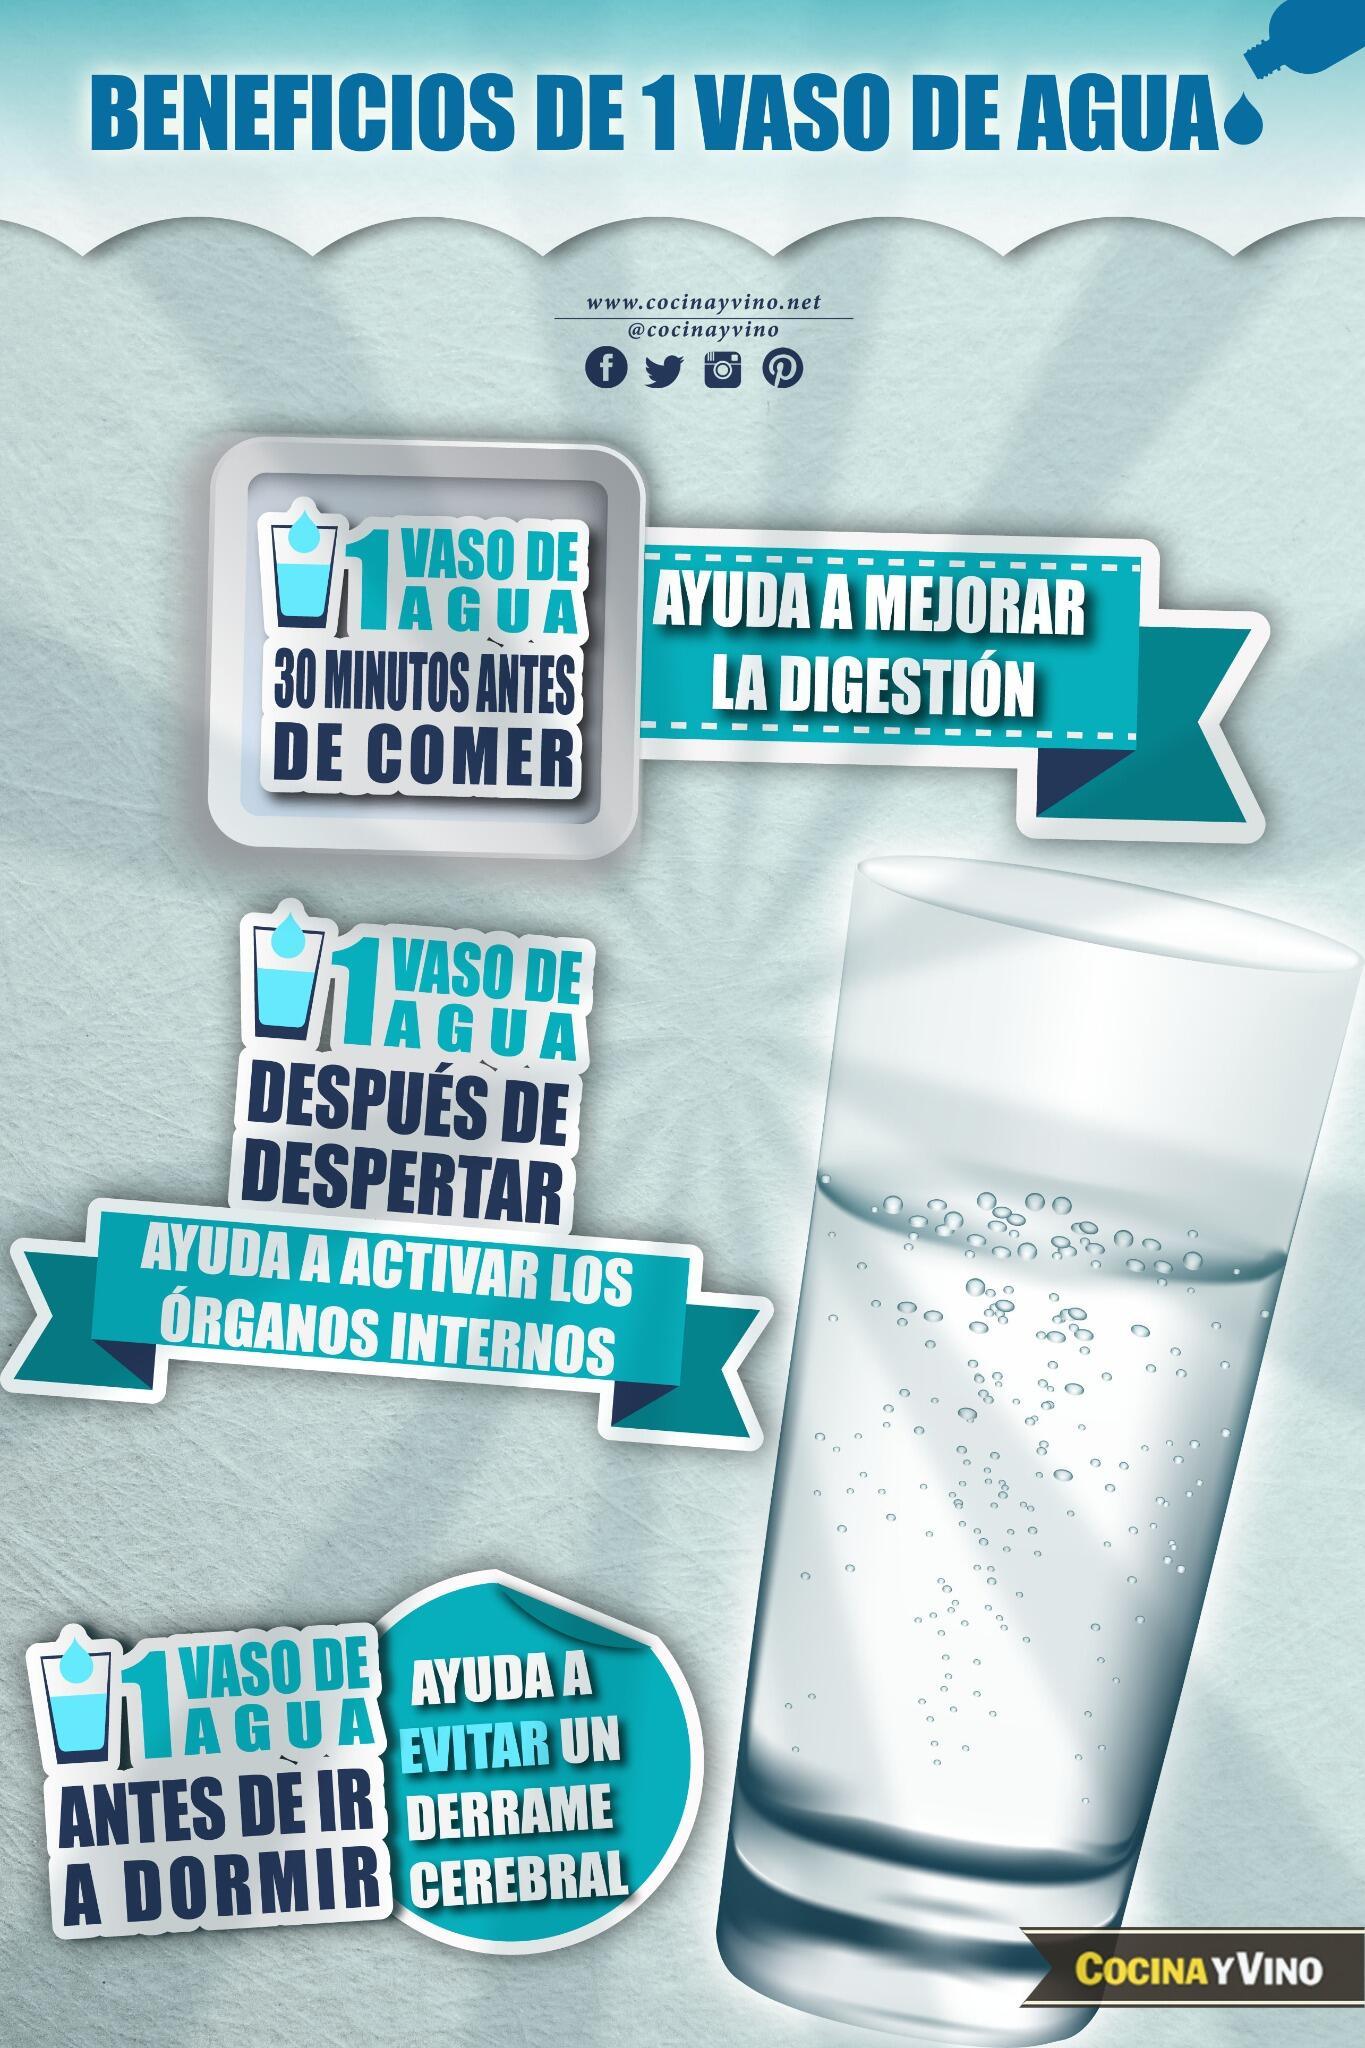 ¡No te preocupes @FValiente_ ! Aquí te dejamos 3 razones para tomar 1 vaso de agua http://t.co/pcfrGUnDu1